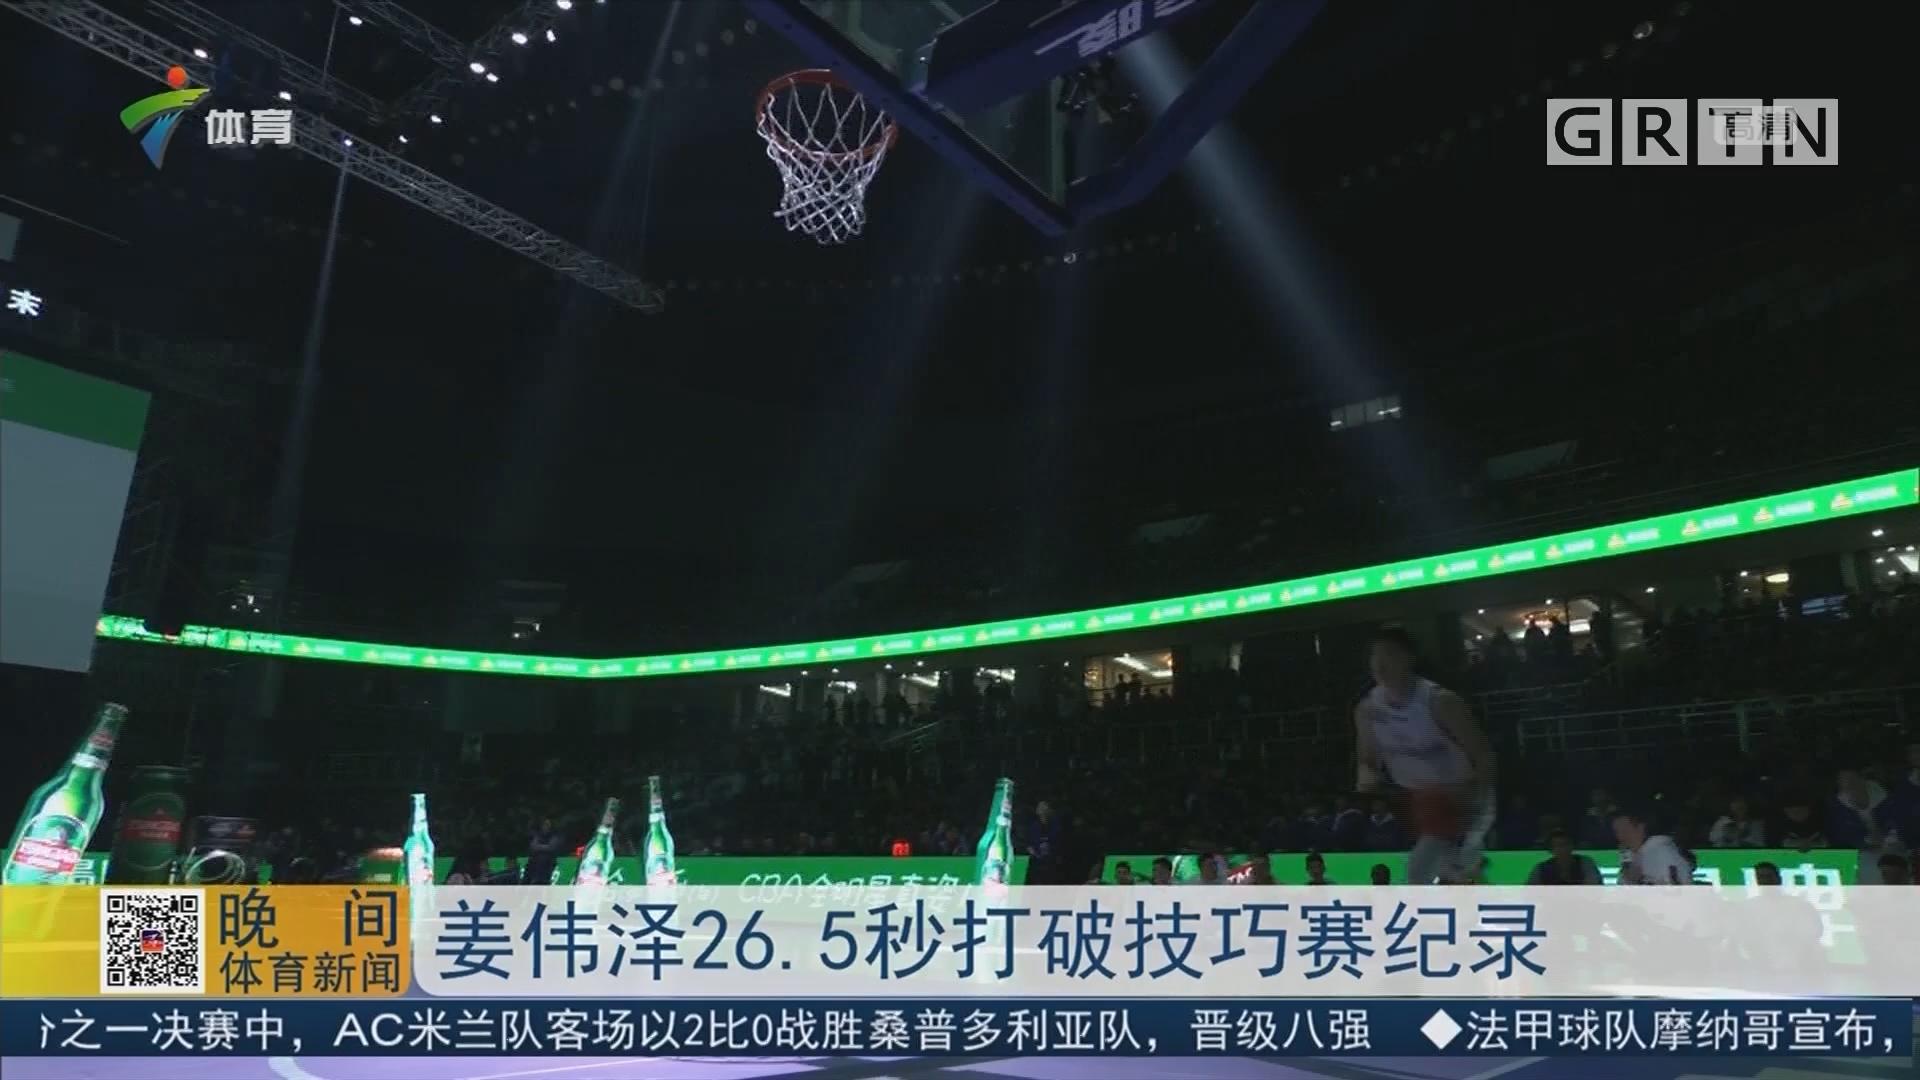 姜伟泽26.5秒打破技巧赛纪录